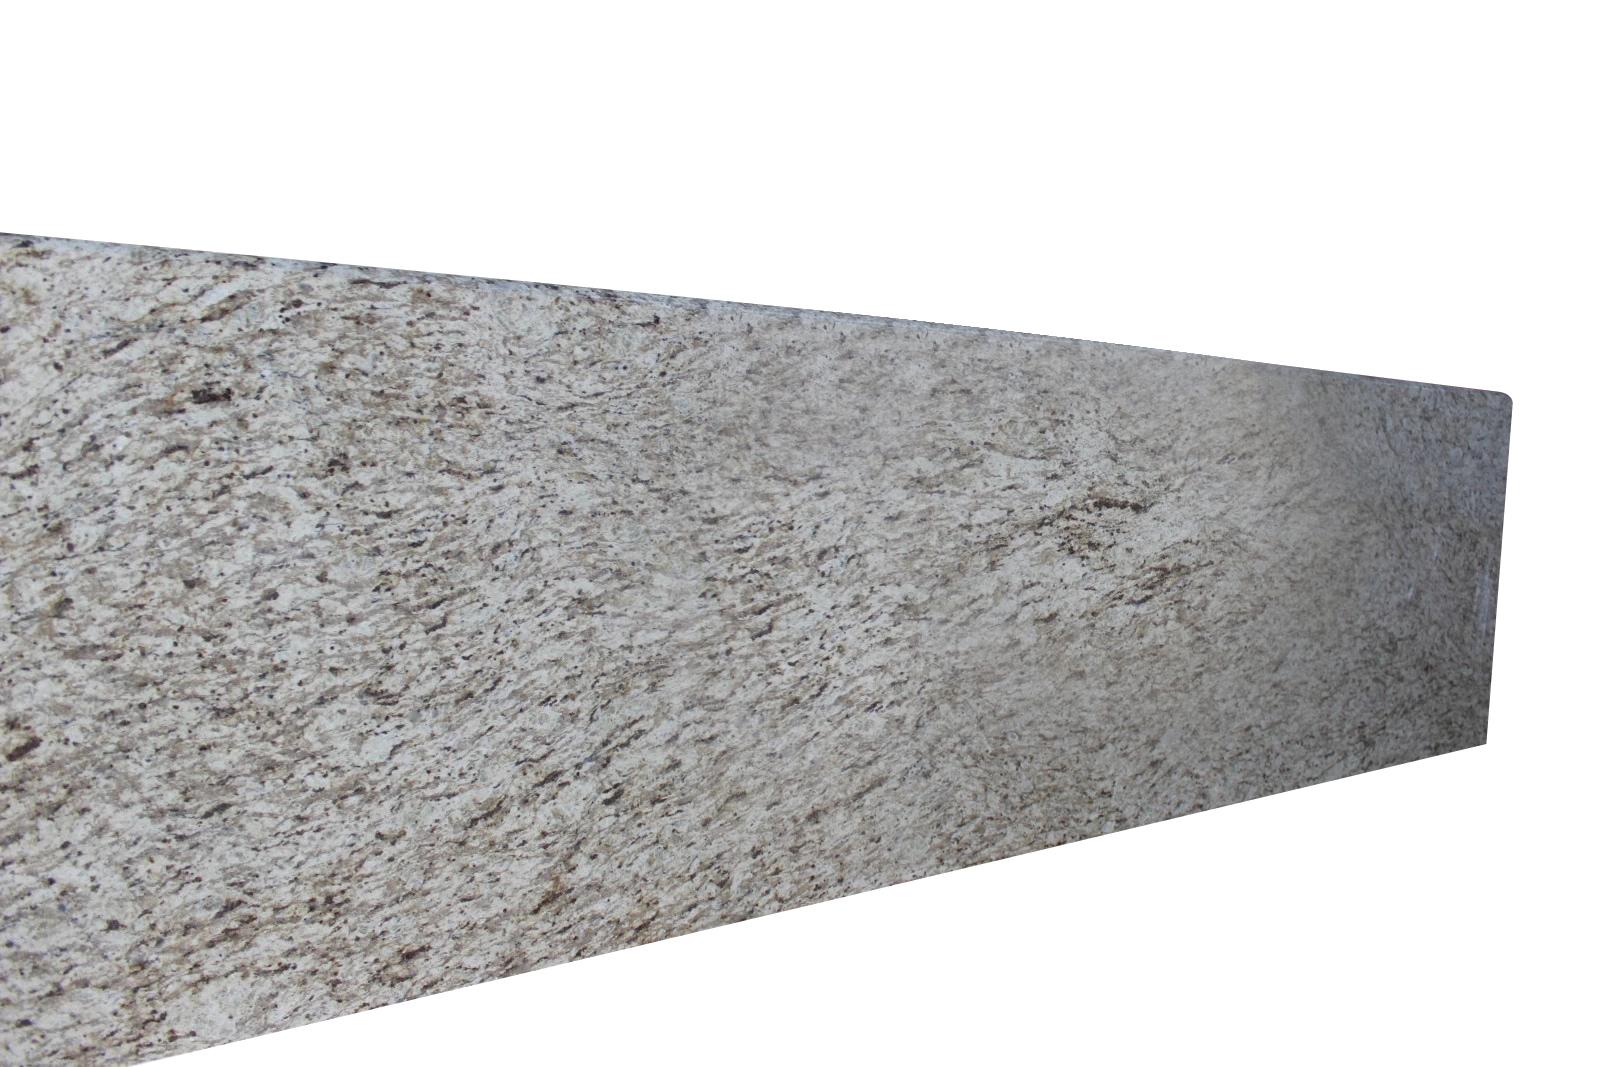 APEX Kitchen Cabinet and Granite Countertop image 14